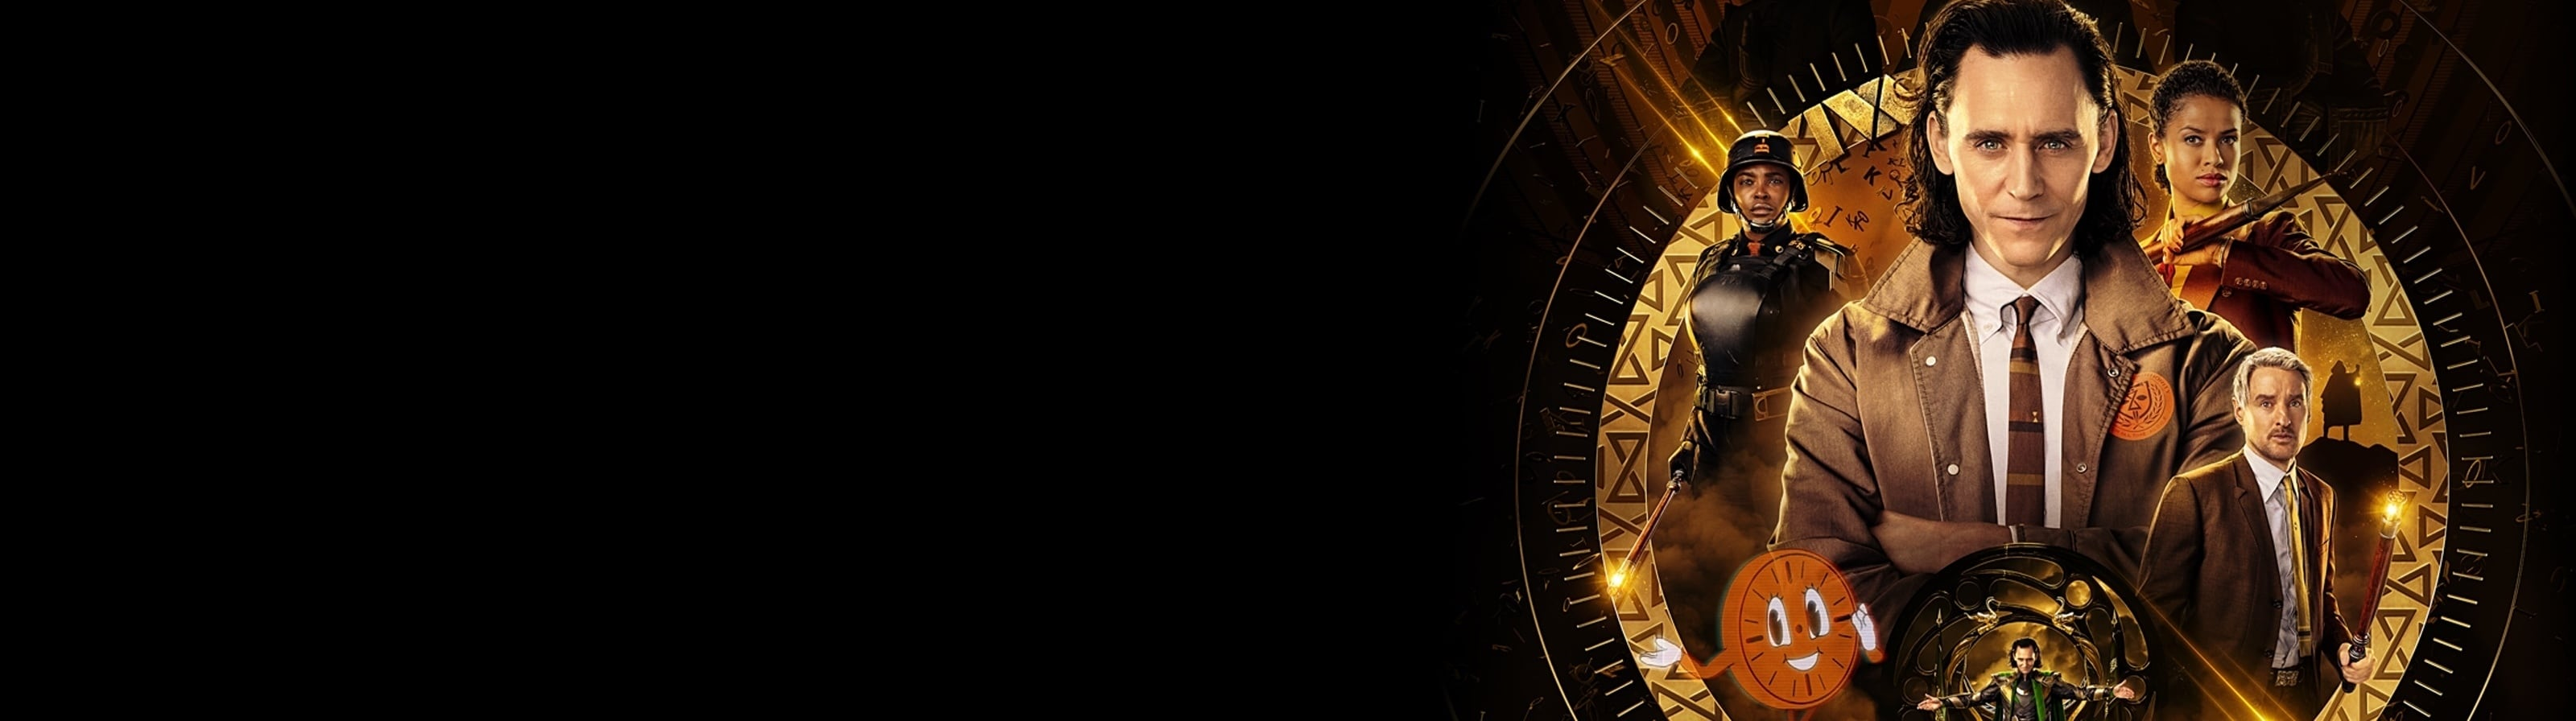 Marvel su Disney+: Gli ultimi show, le date di uscita e le serie in produzione